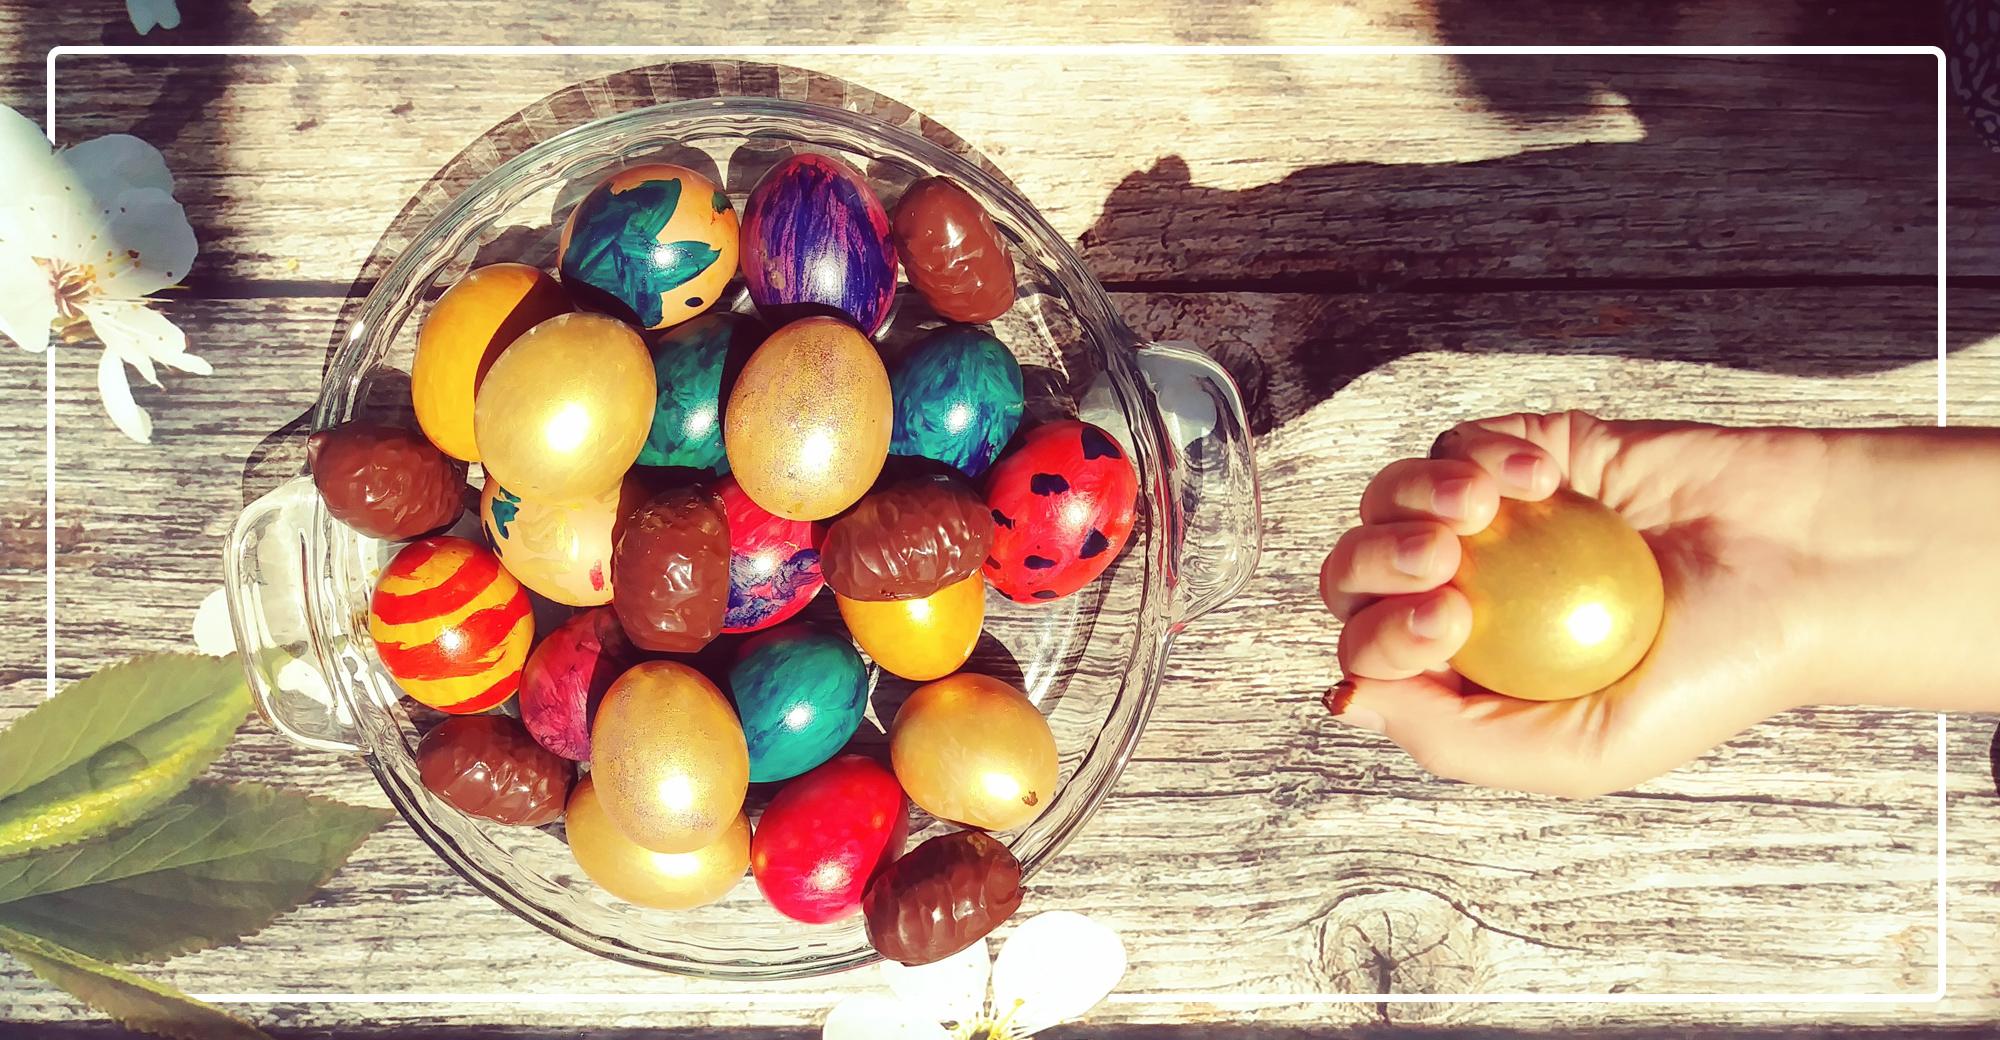 Vrolijk Pasen! Van 3 t/m 5 april zijn wij gesloten.